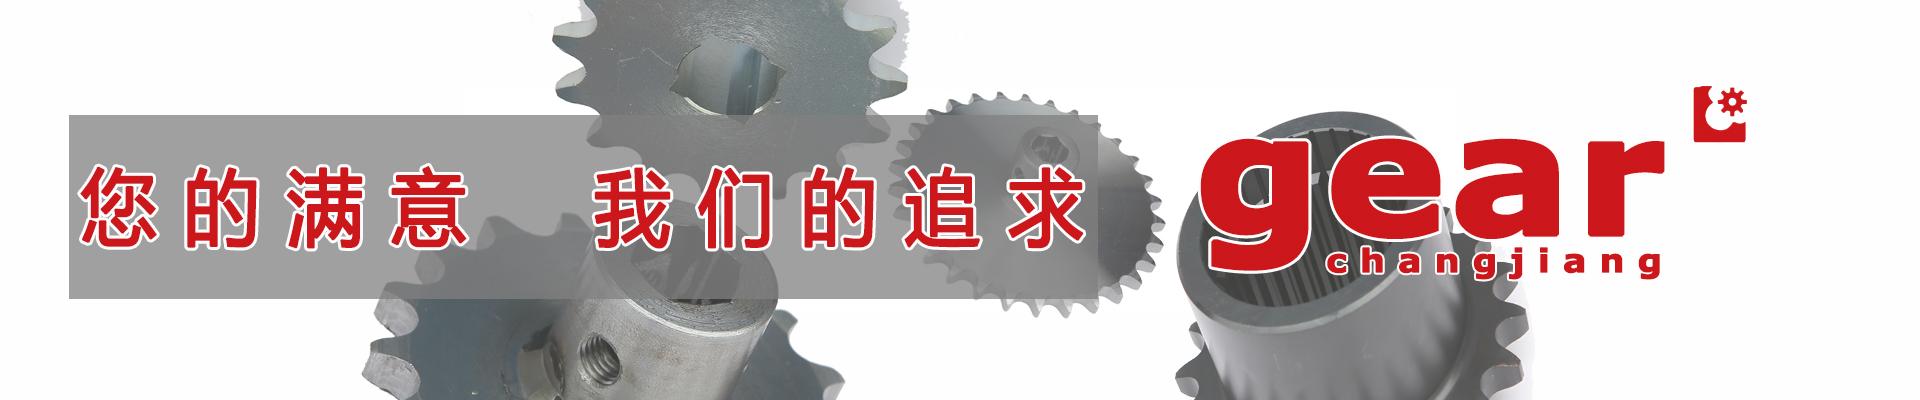 常州长江齿轮有限公司